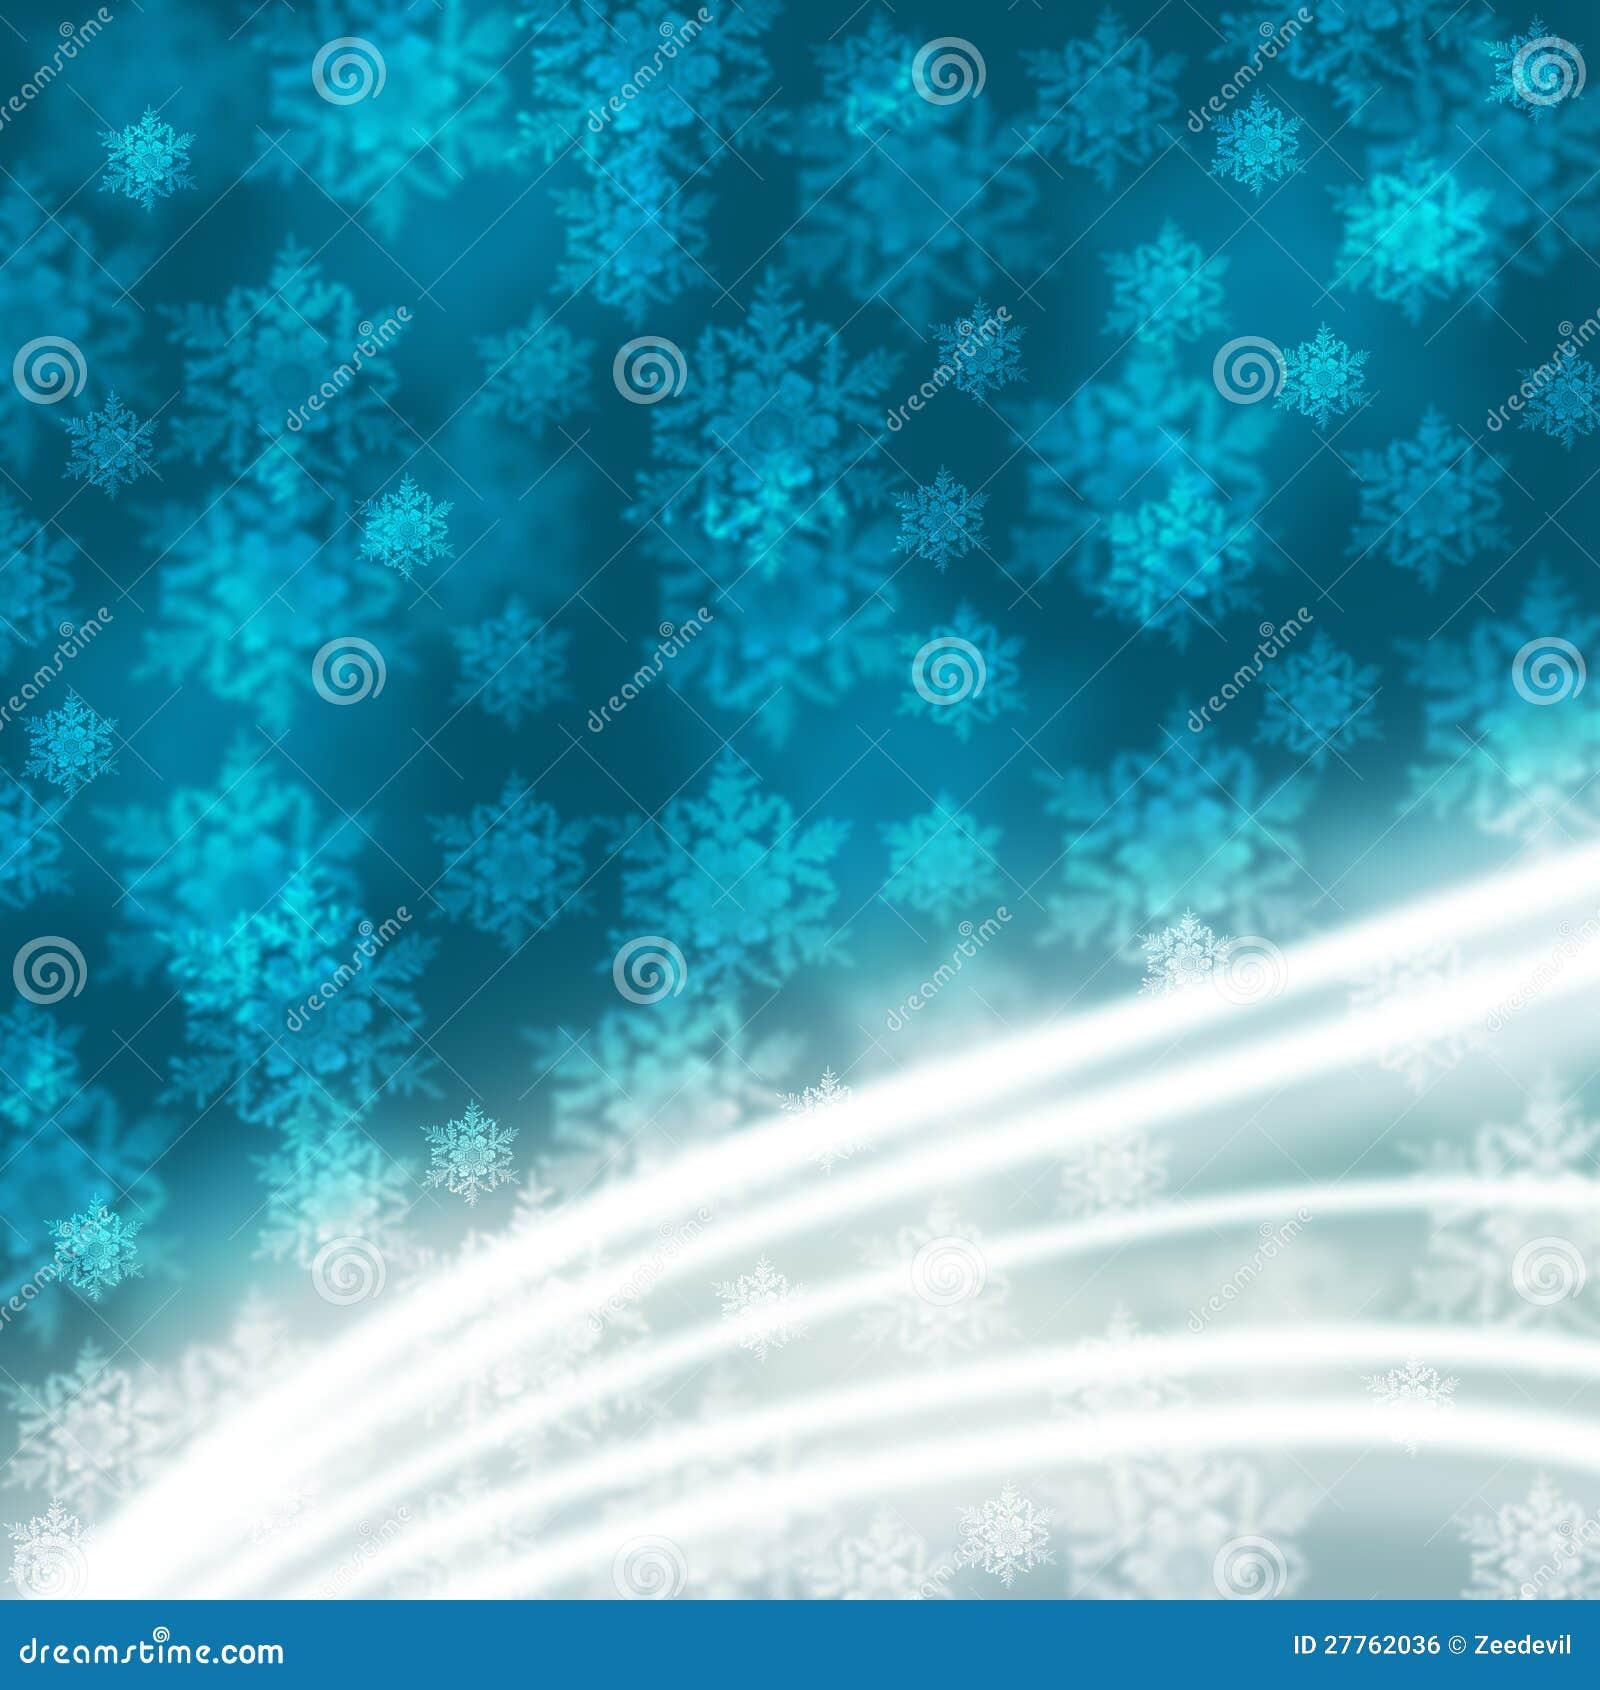 Fond élégant de Noël avec des flocons de neige